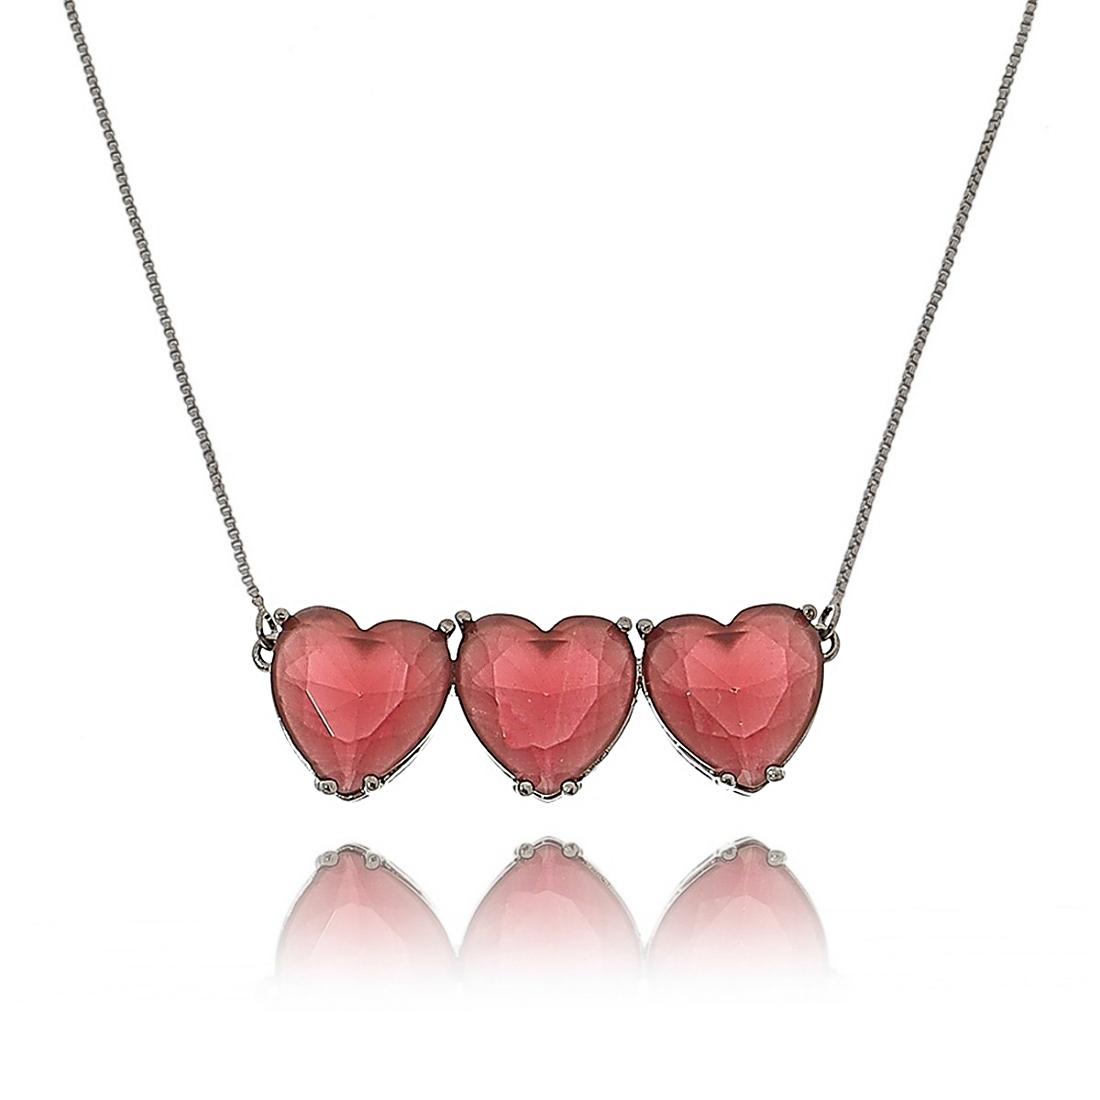 Colar com 3 Pingentes de Coração Rubi Grandes Semijoia da Moda em Ródio Negro  - Soloyou